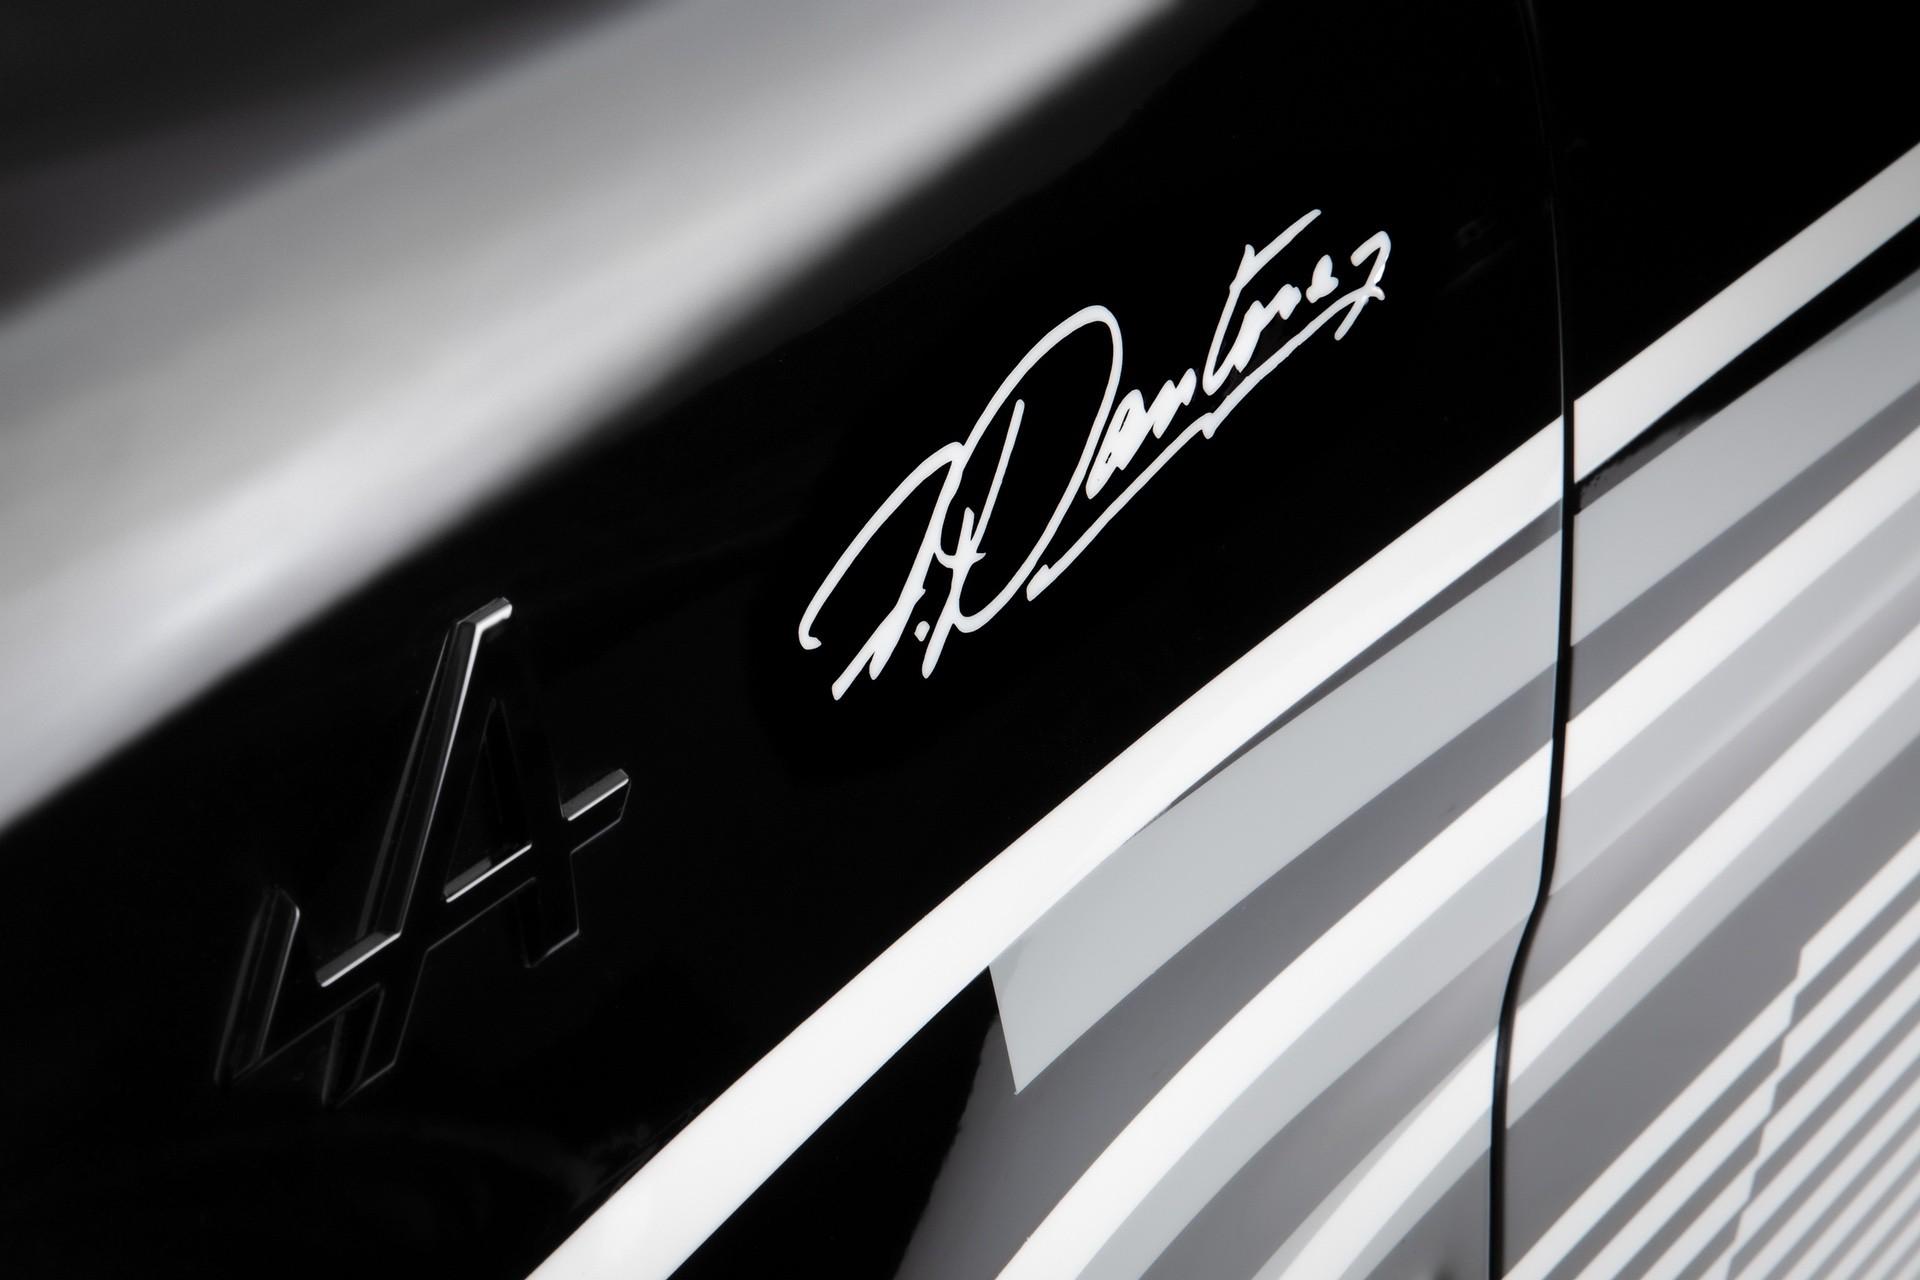 16-2021-Alpine-A110-x-Felipe-Pantone